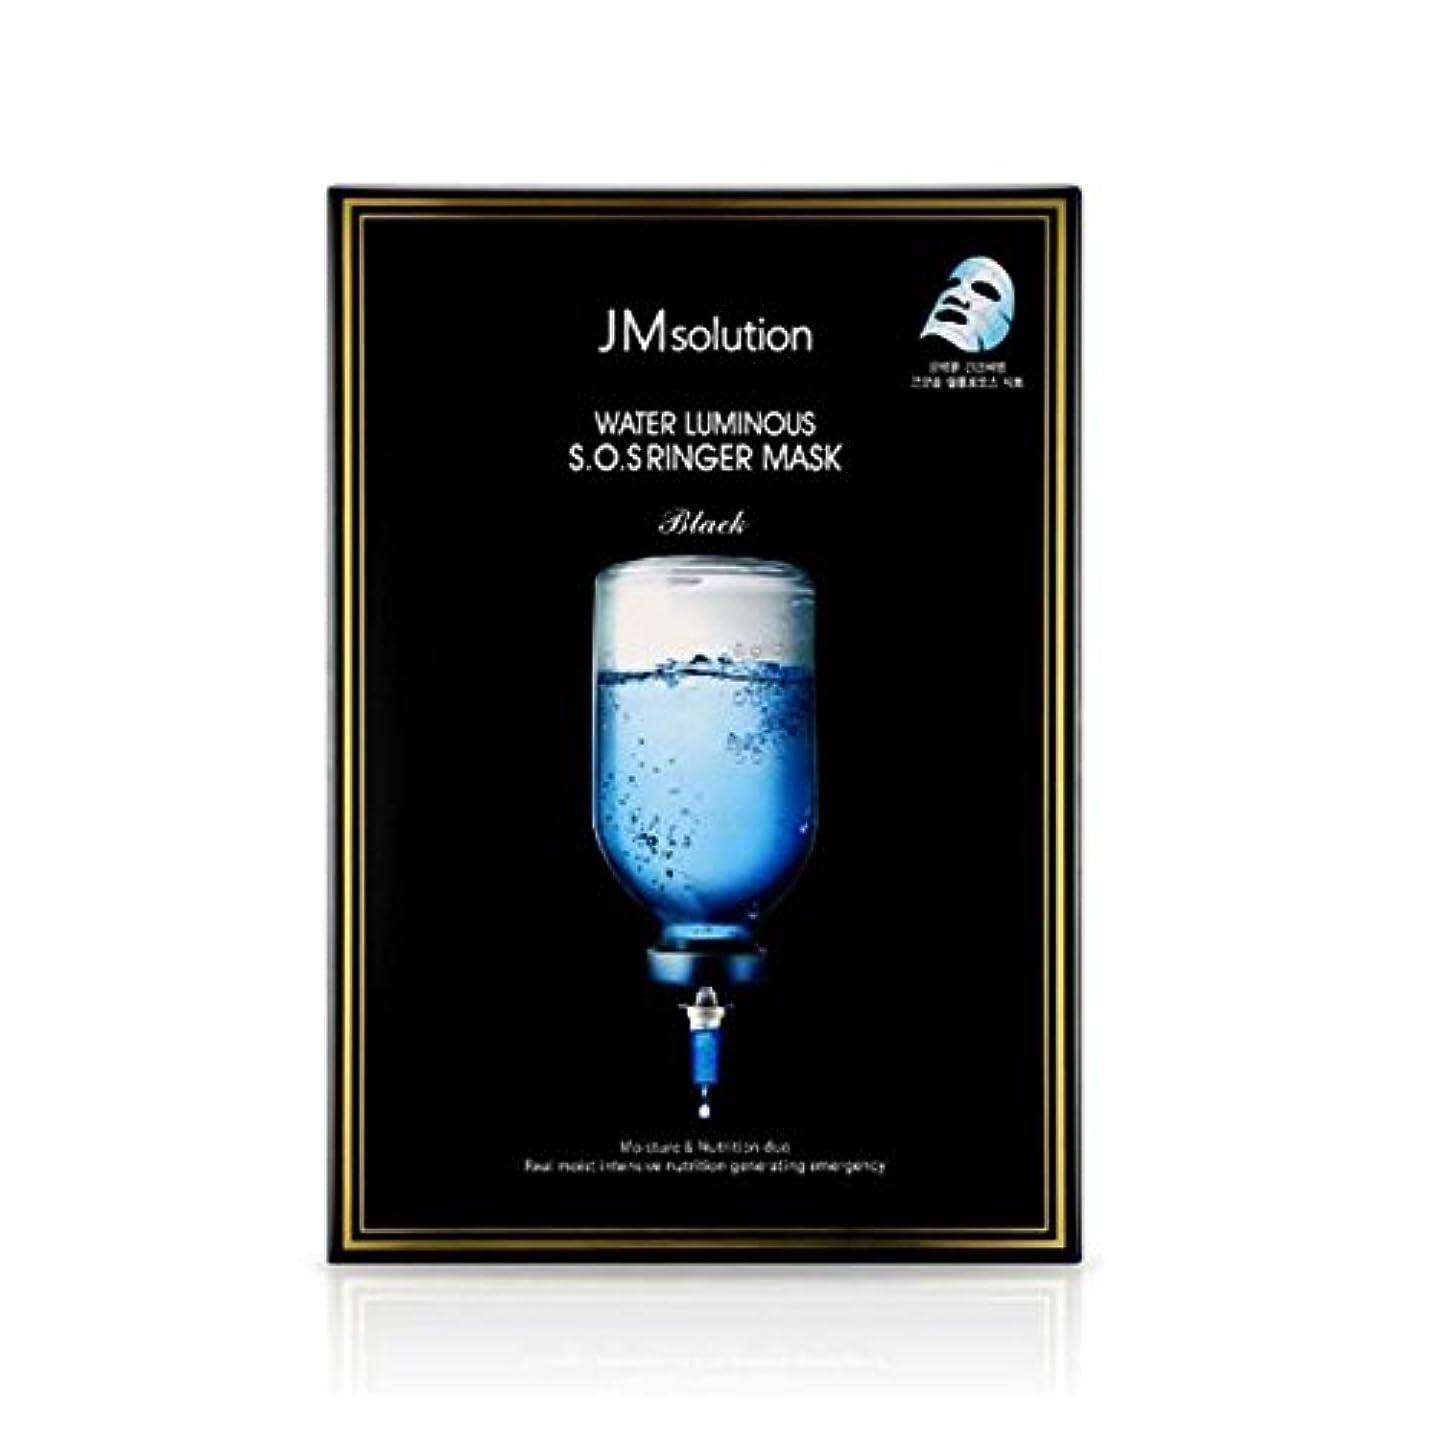 例外愛情深い火山ジェイエムソリューション JMsolution ウォーター ルミナス SOS リンガー マスク 10枚入 韓国コスメ